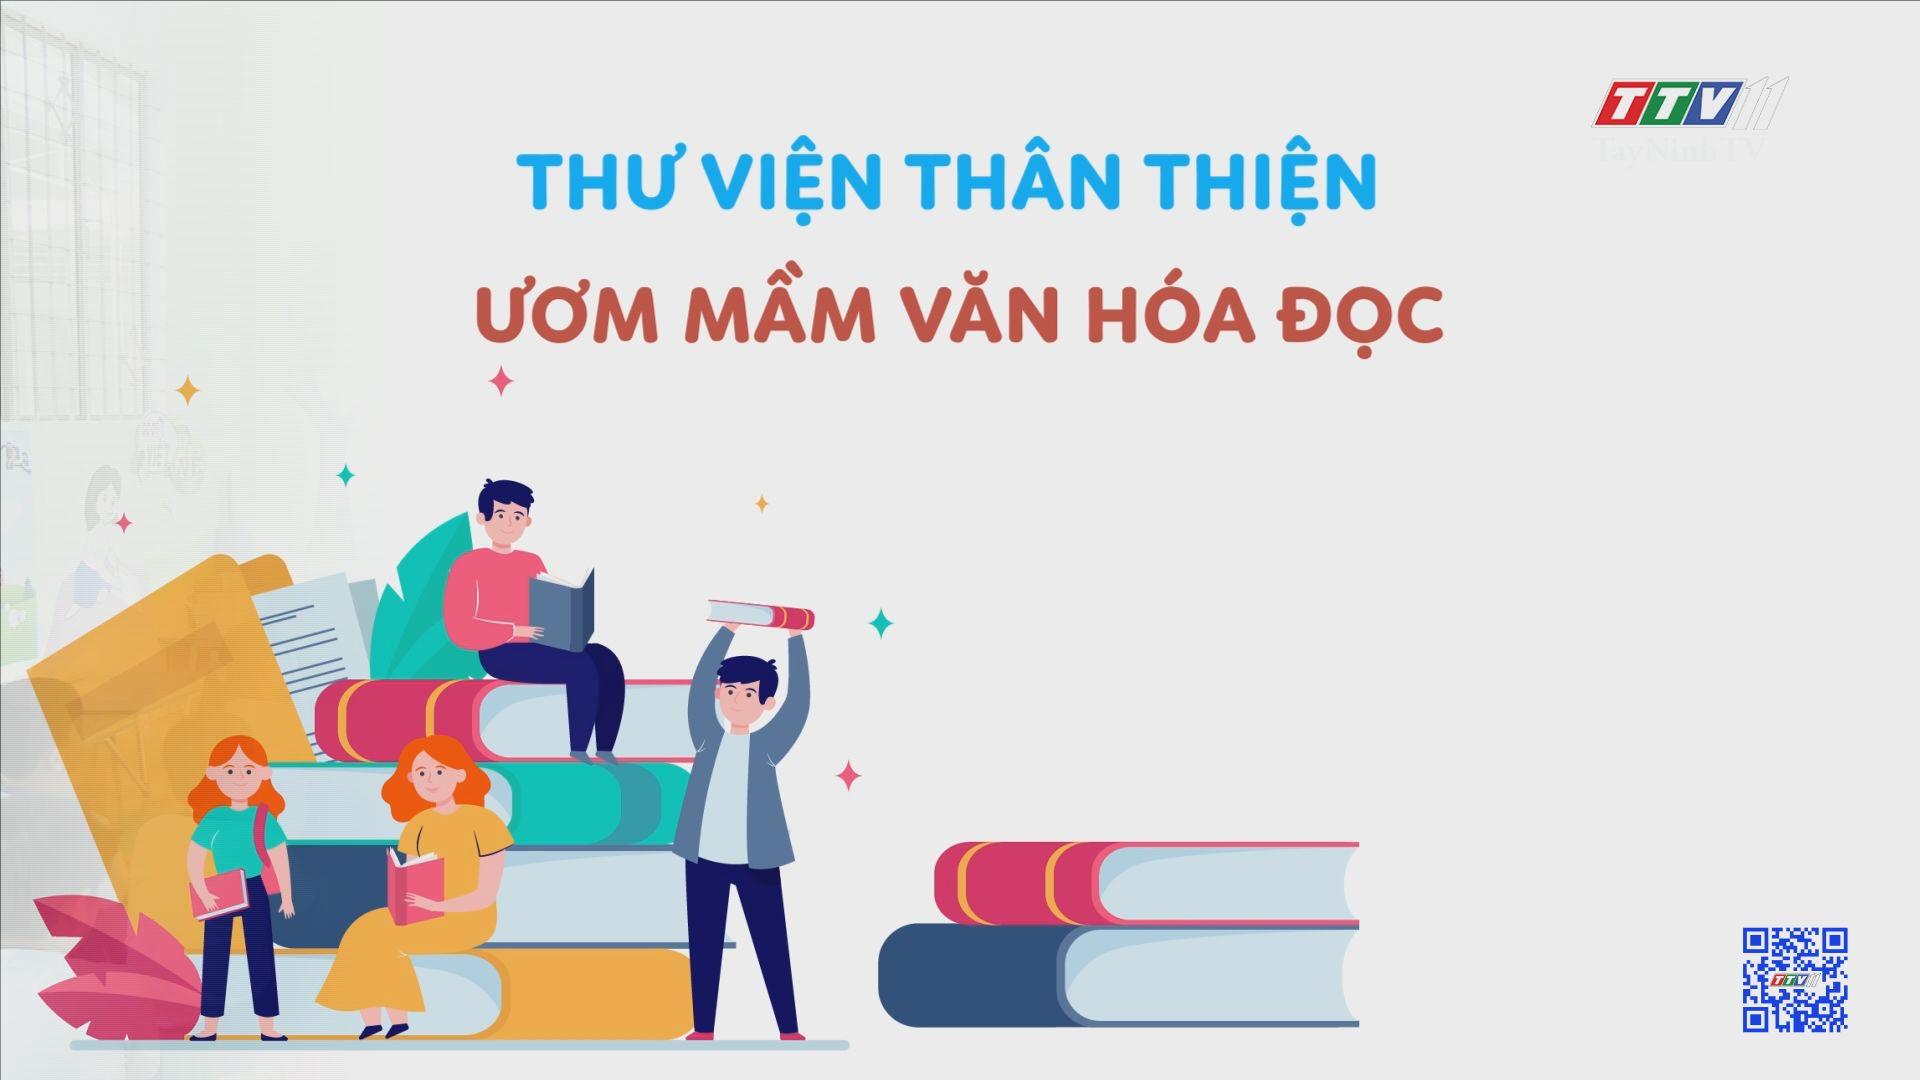 Thư viện thân thiện ươm mầm văn hóa đọc | TRANG TUỔI THƠ | TayNinhTV